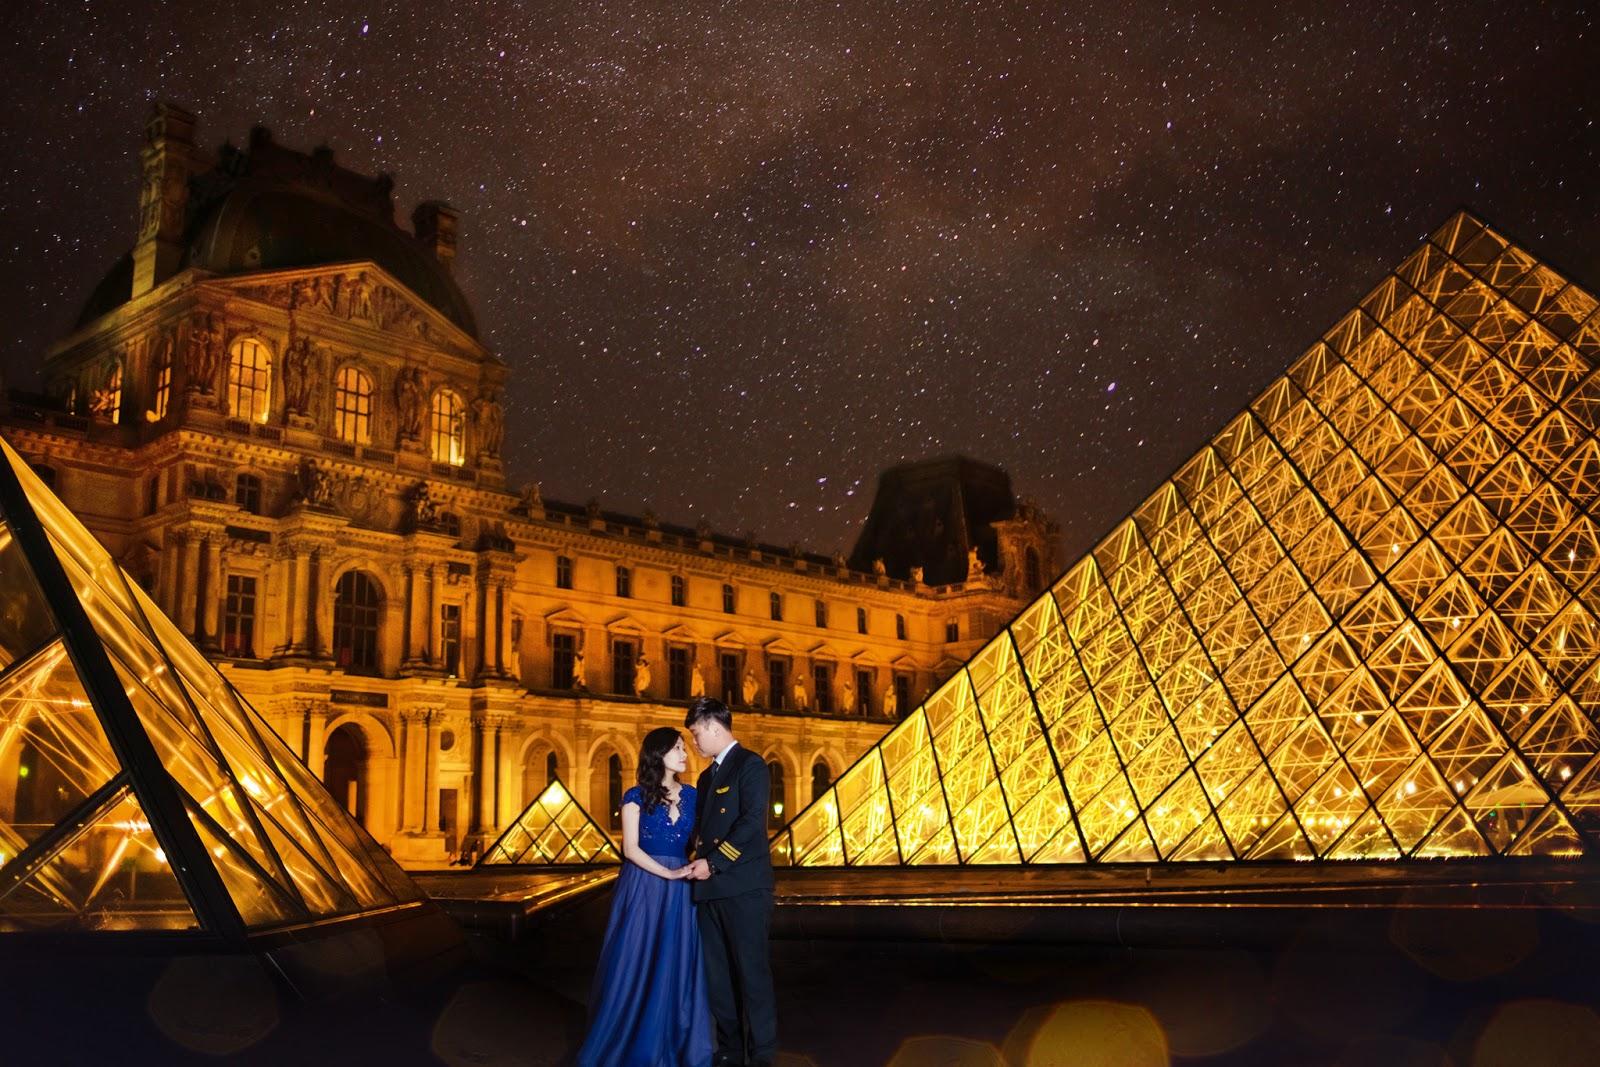 巴黎聖母院 聖心堂 巴黎旅遊景點推薦 巴黎歌劇院 蒙馬特 海外自助婚紗推薦 私密拍攝景點 法國小鎮必吃 巴黎鐵塔超浪漫 台北自助婚紗工作室 楓丹白露 凱旋門 羅浮宮 亞力三大三世橋